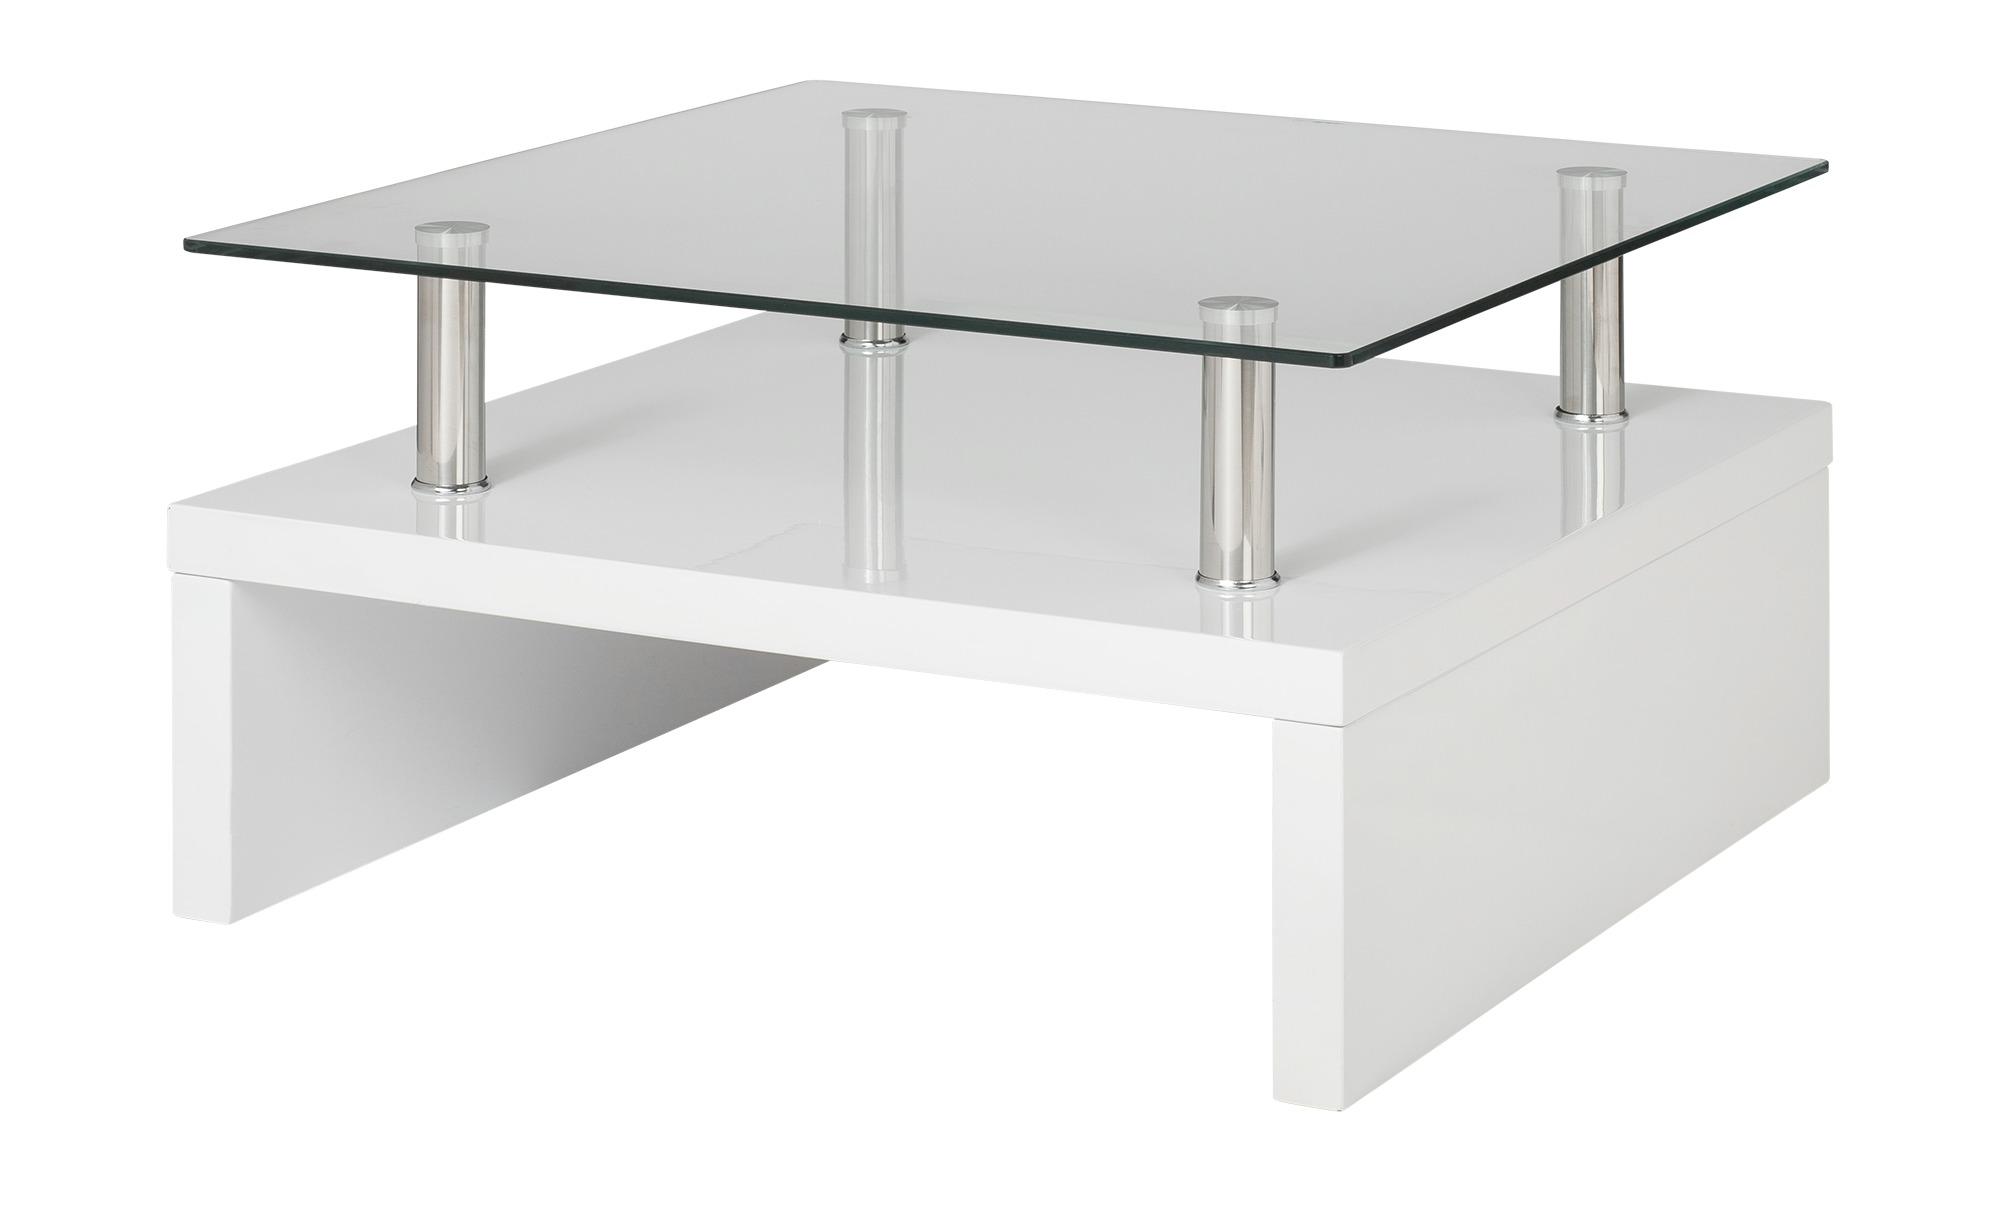 Couchtisch weiß Metall Glas  Spargi ¦ weiß ¦ Maße (cm): B: 70 H: 40 Tische > Couchtische > Couchtische rechteckig - Höffner